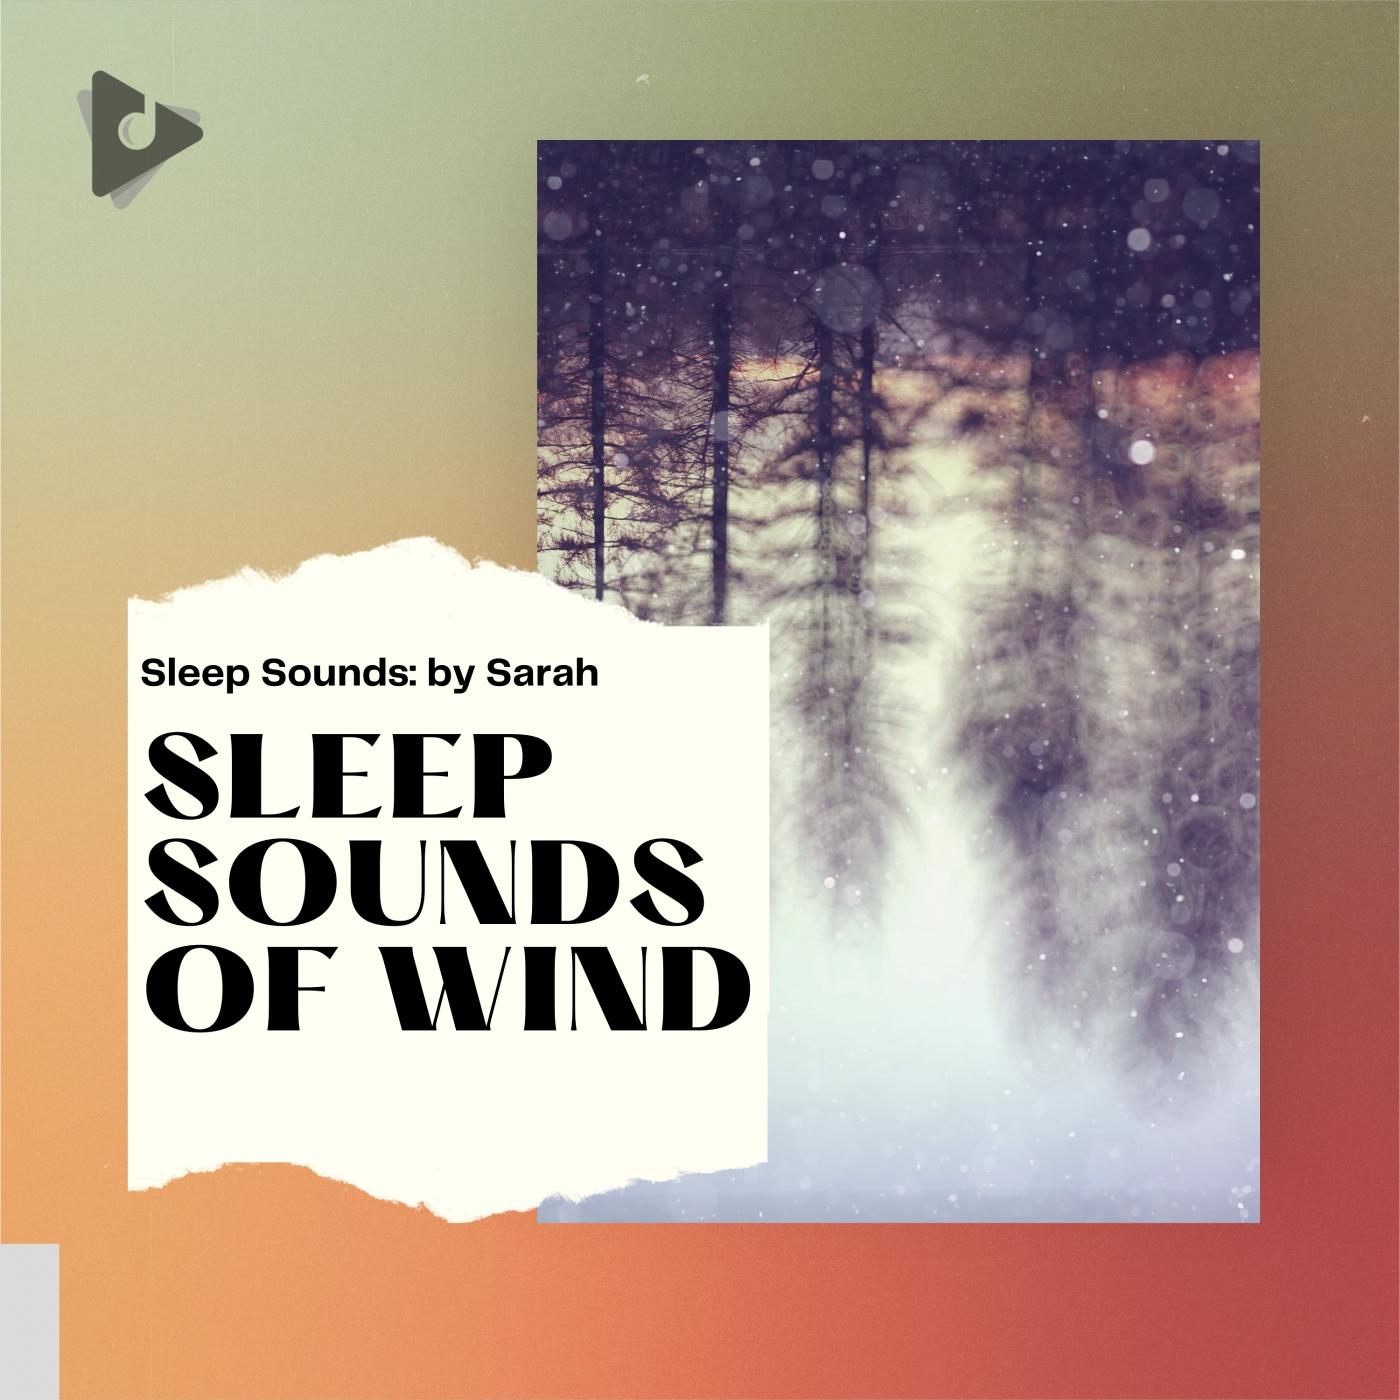 Sleep Sounds of Wind